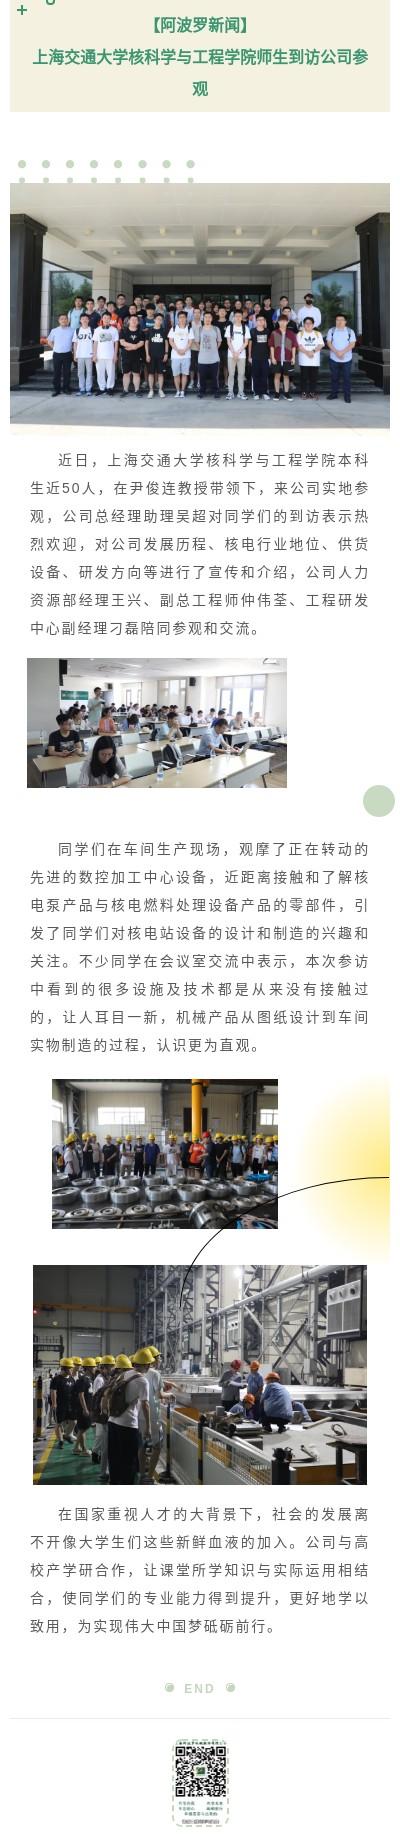 【阿波罗新闻】上海交通大学核科学与工程学院师生到访公司参观